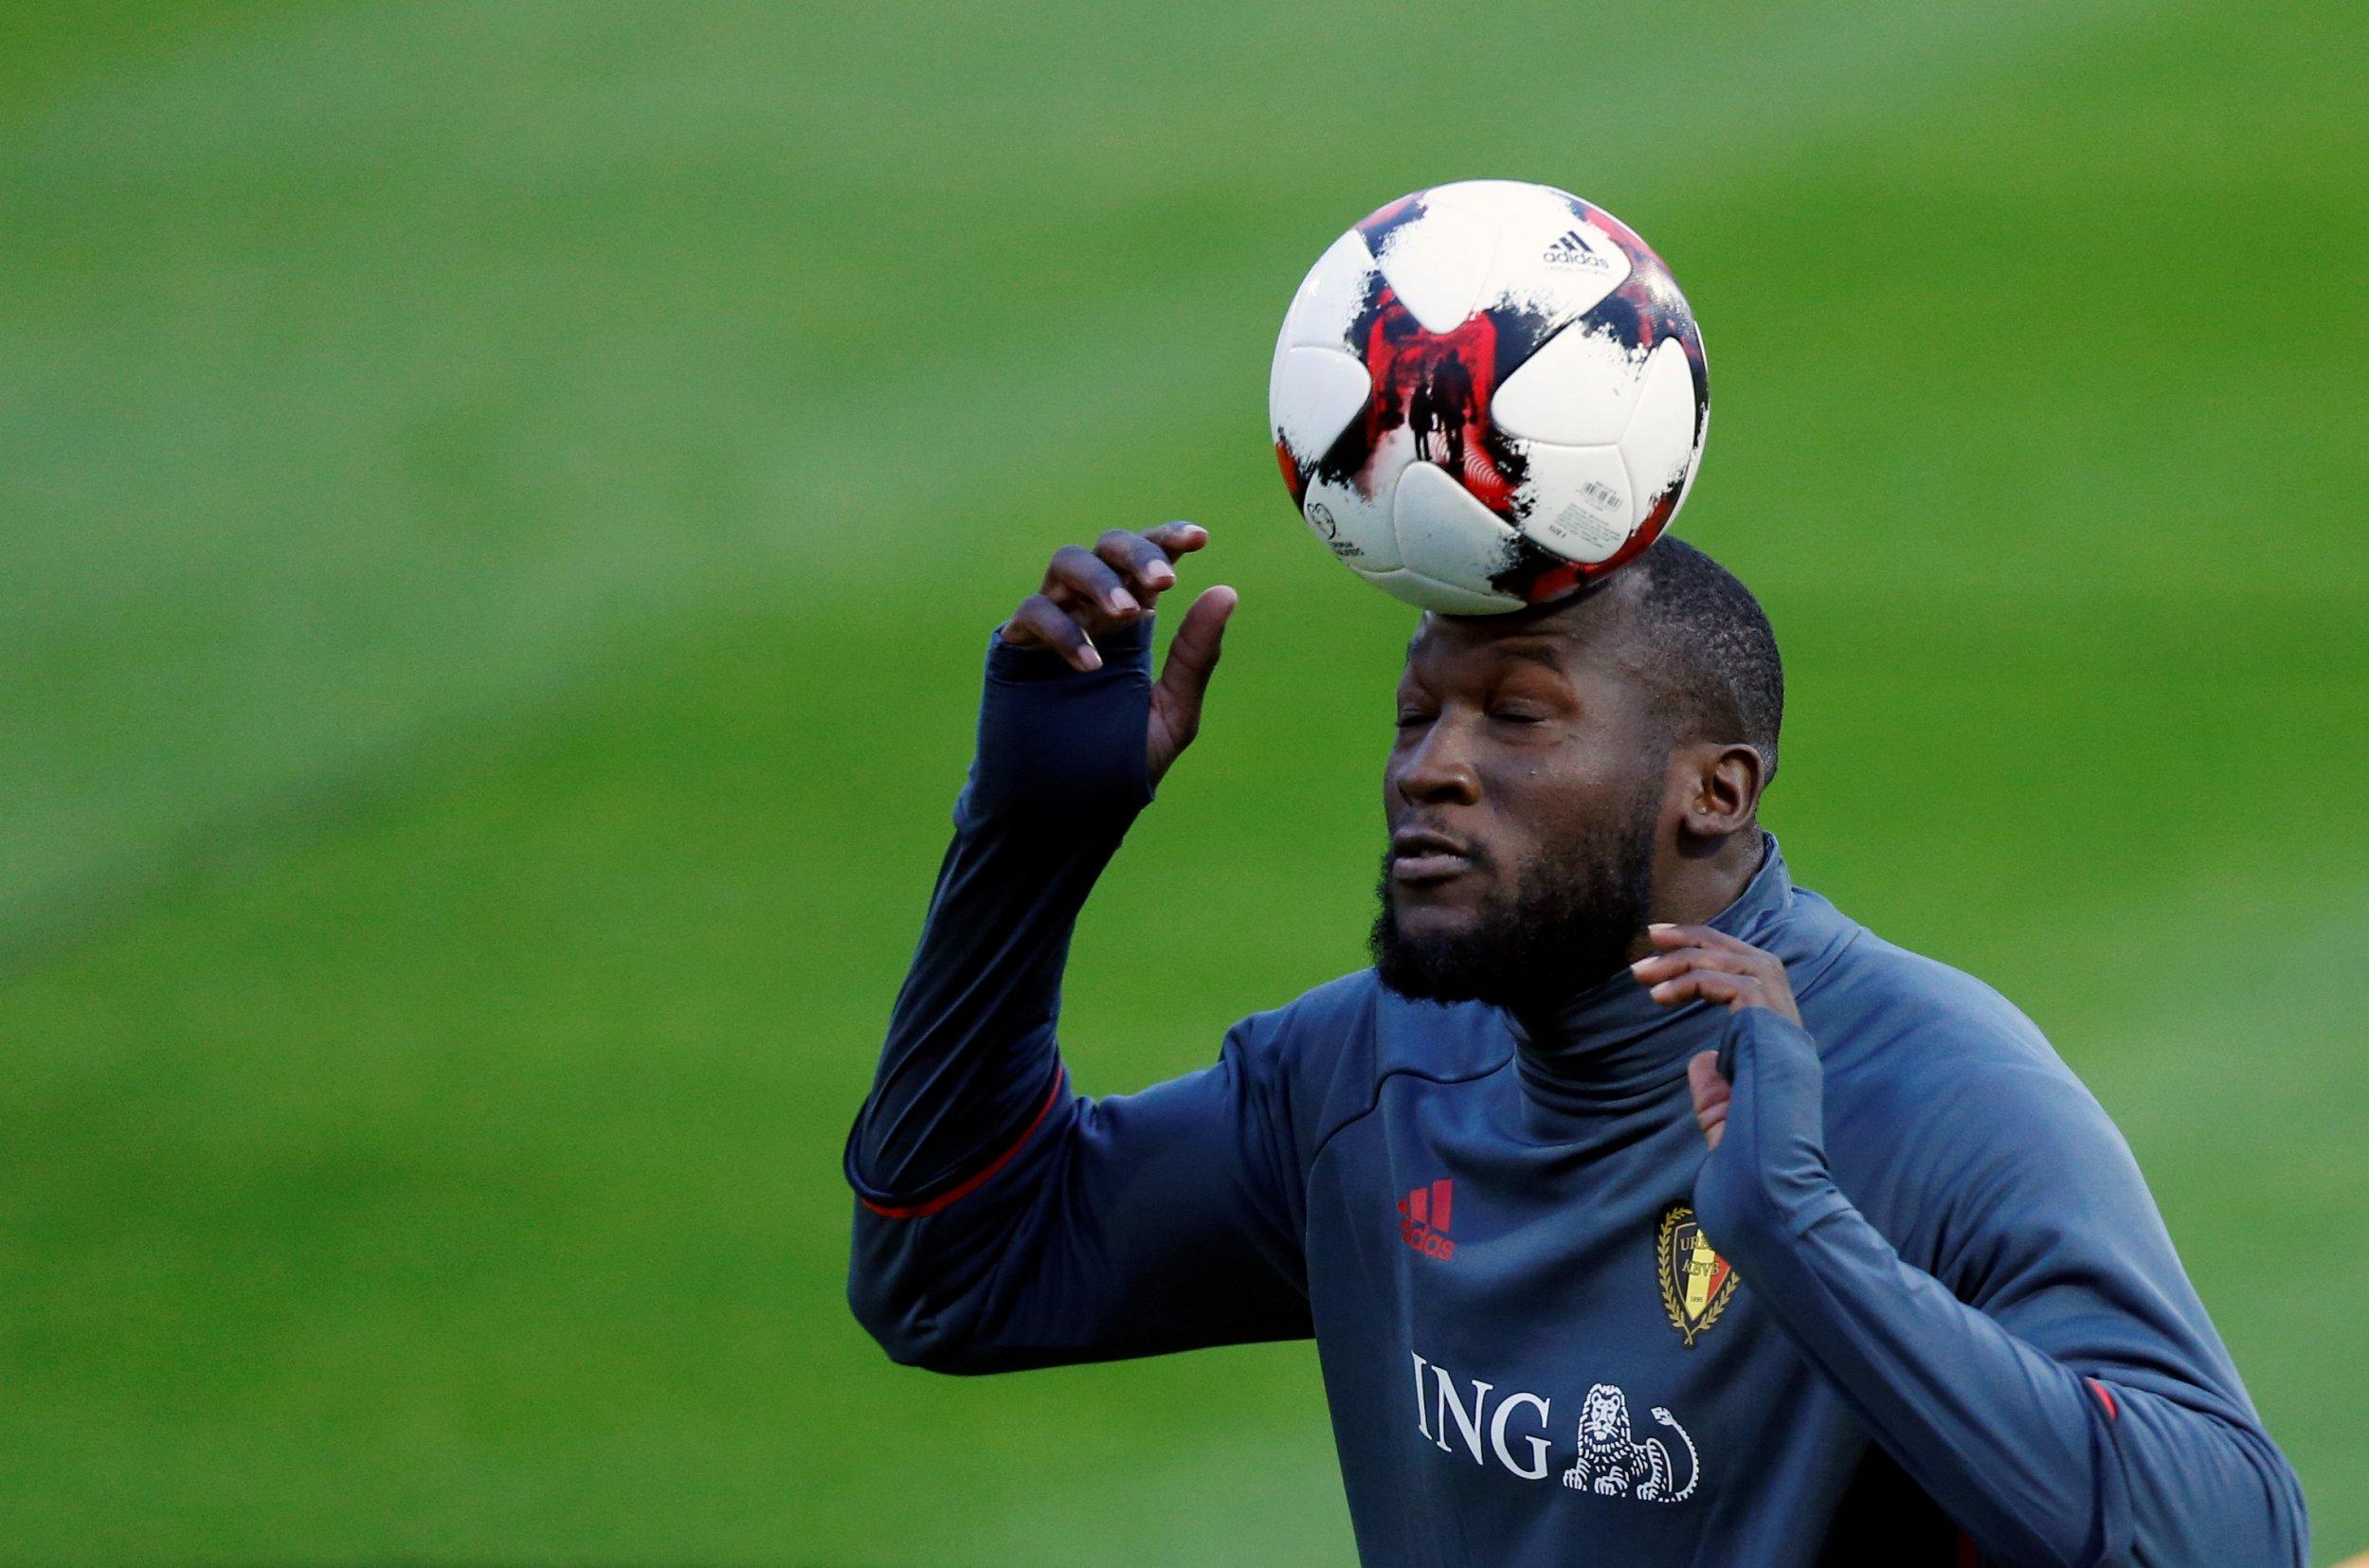 Belgium manager denies Man Utd rift amid Marouane Fellaini and Romelu Lukaku injury issues